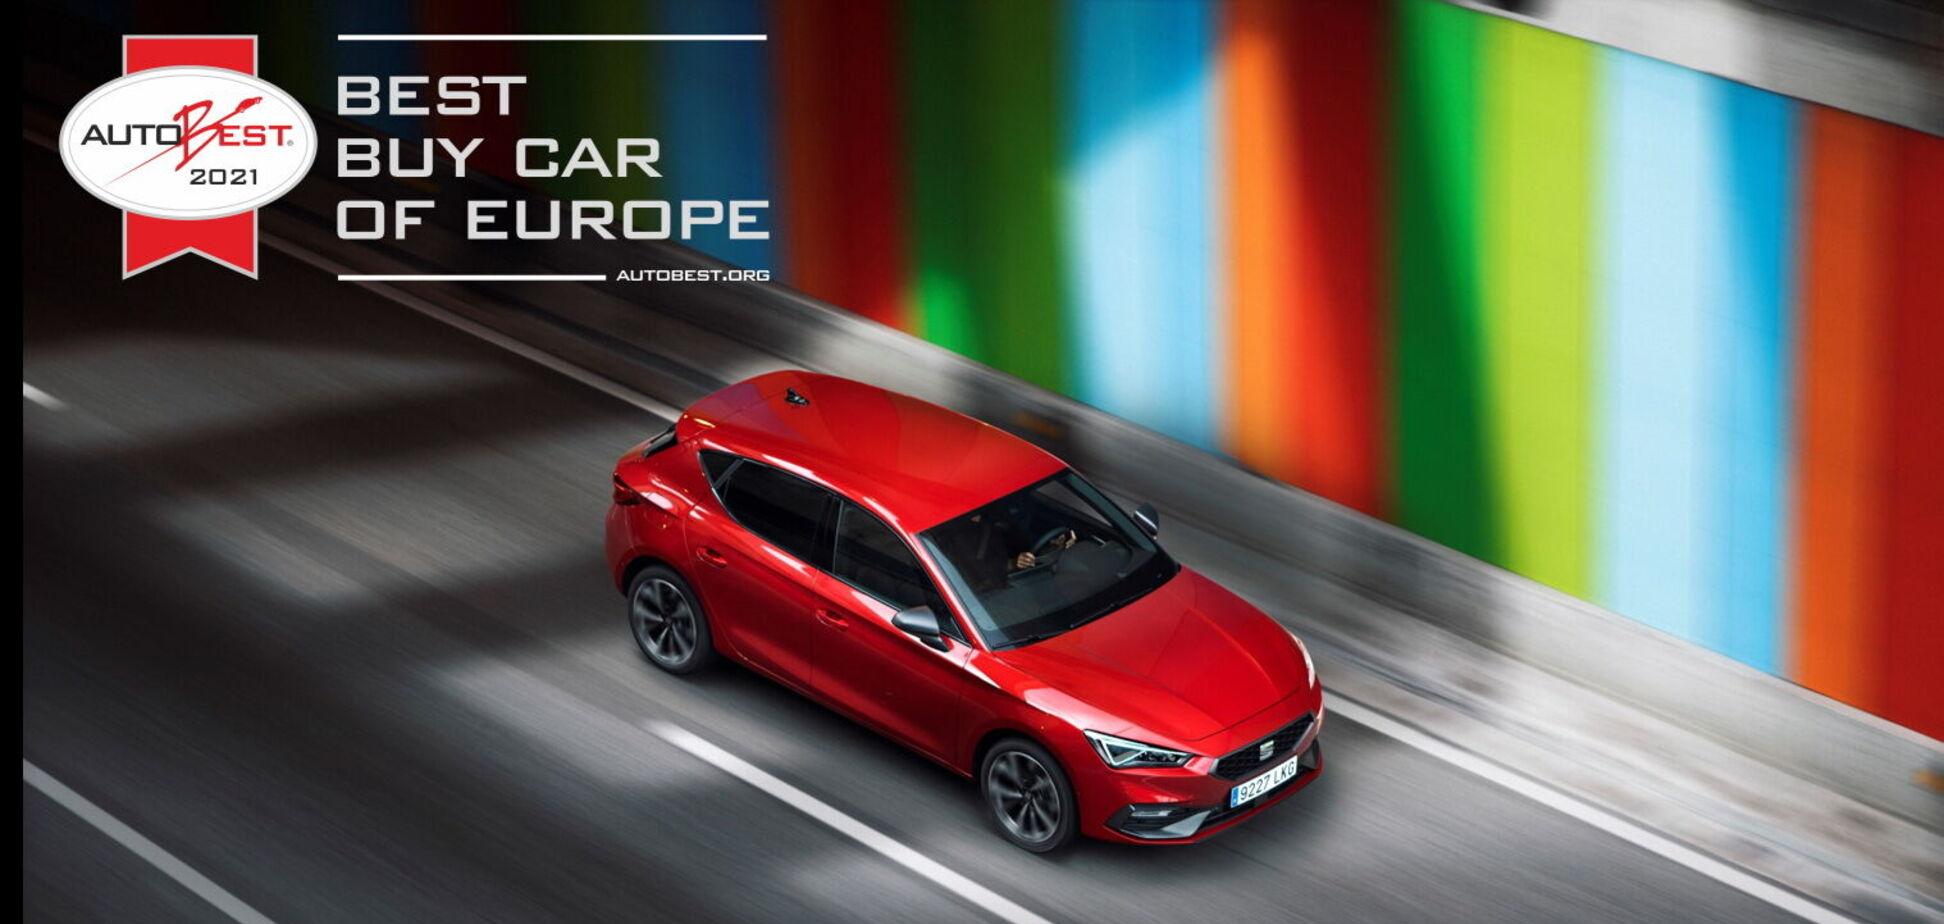 SEAT Leon отримав головну нагороду конкурсу Autobest 2021